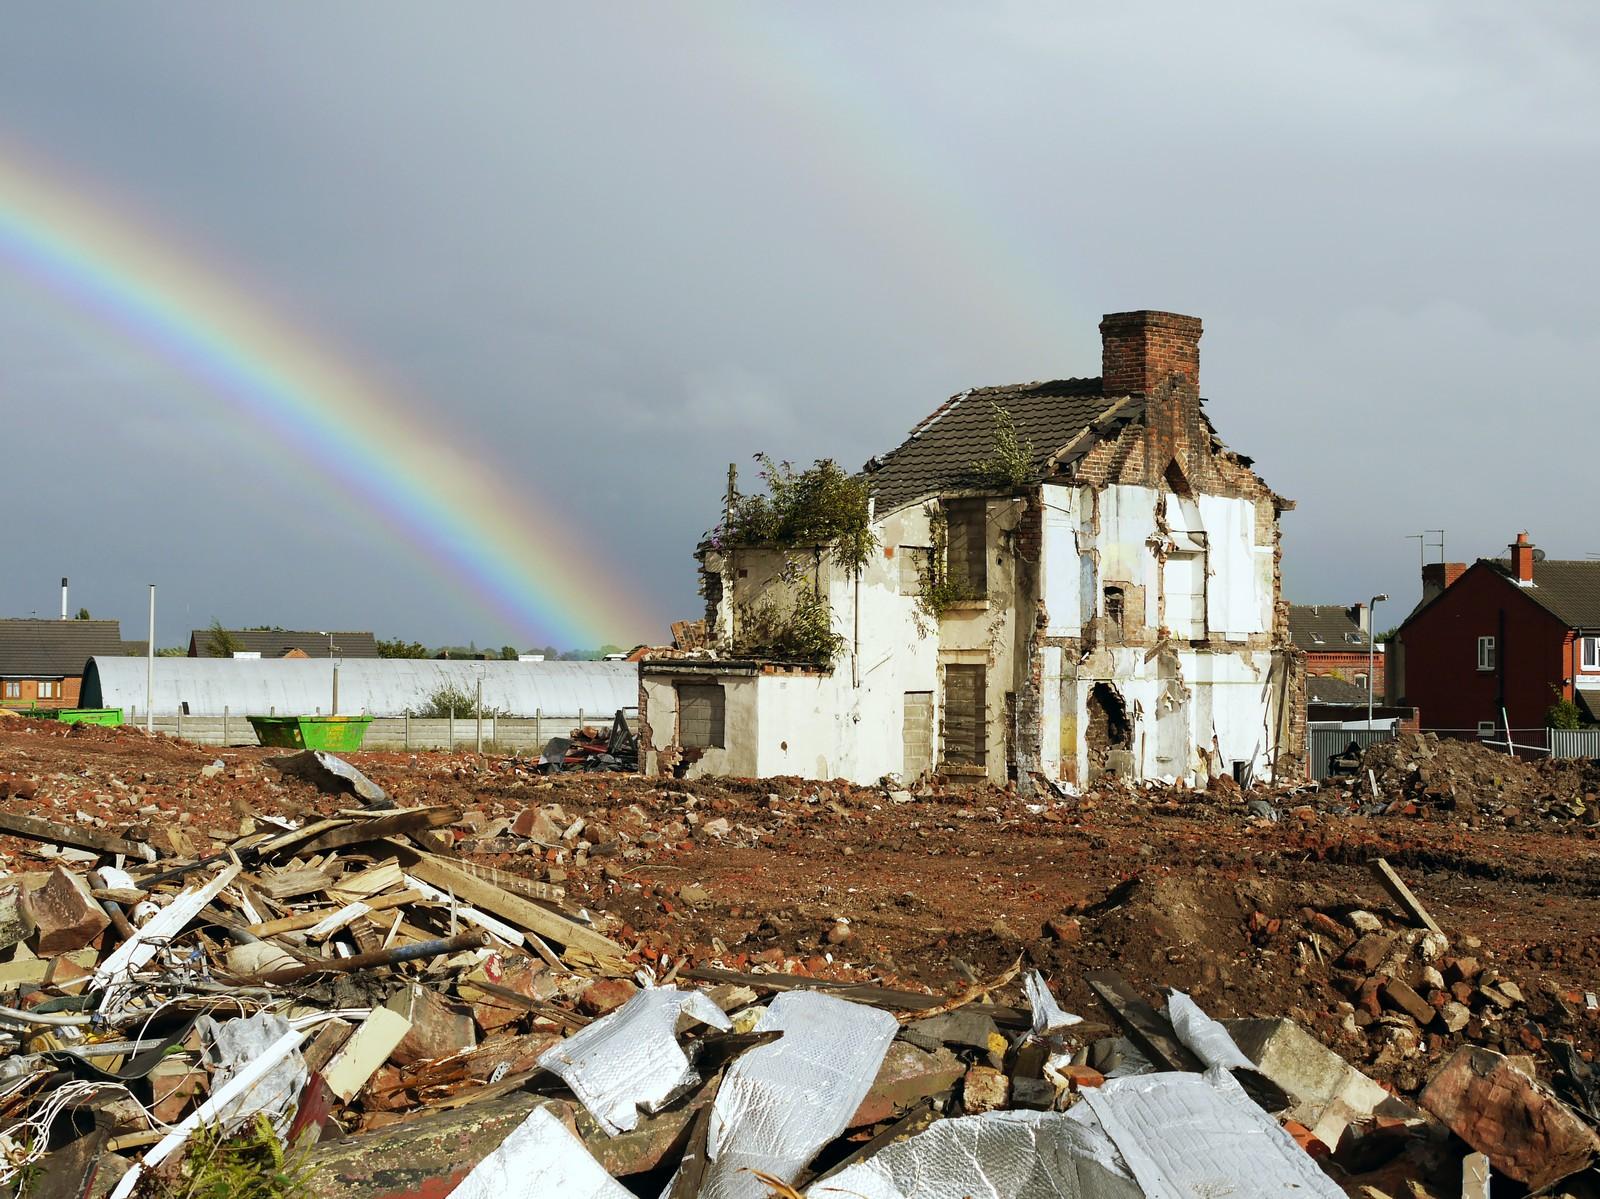 Run down house with a rainbow on the left